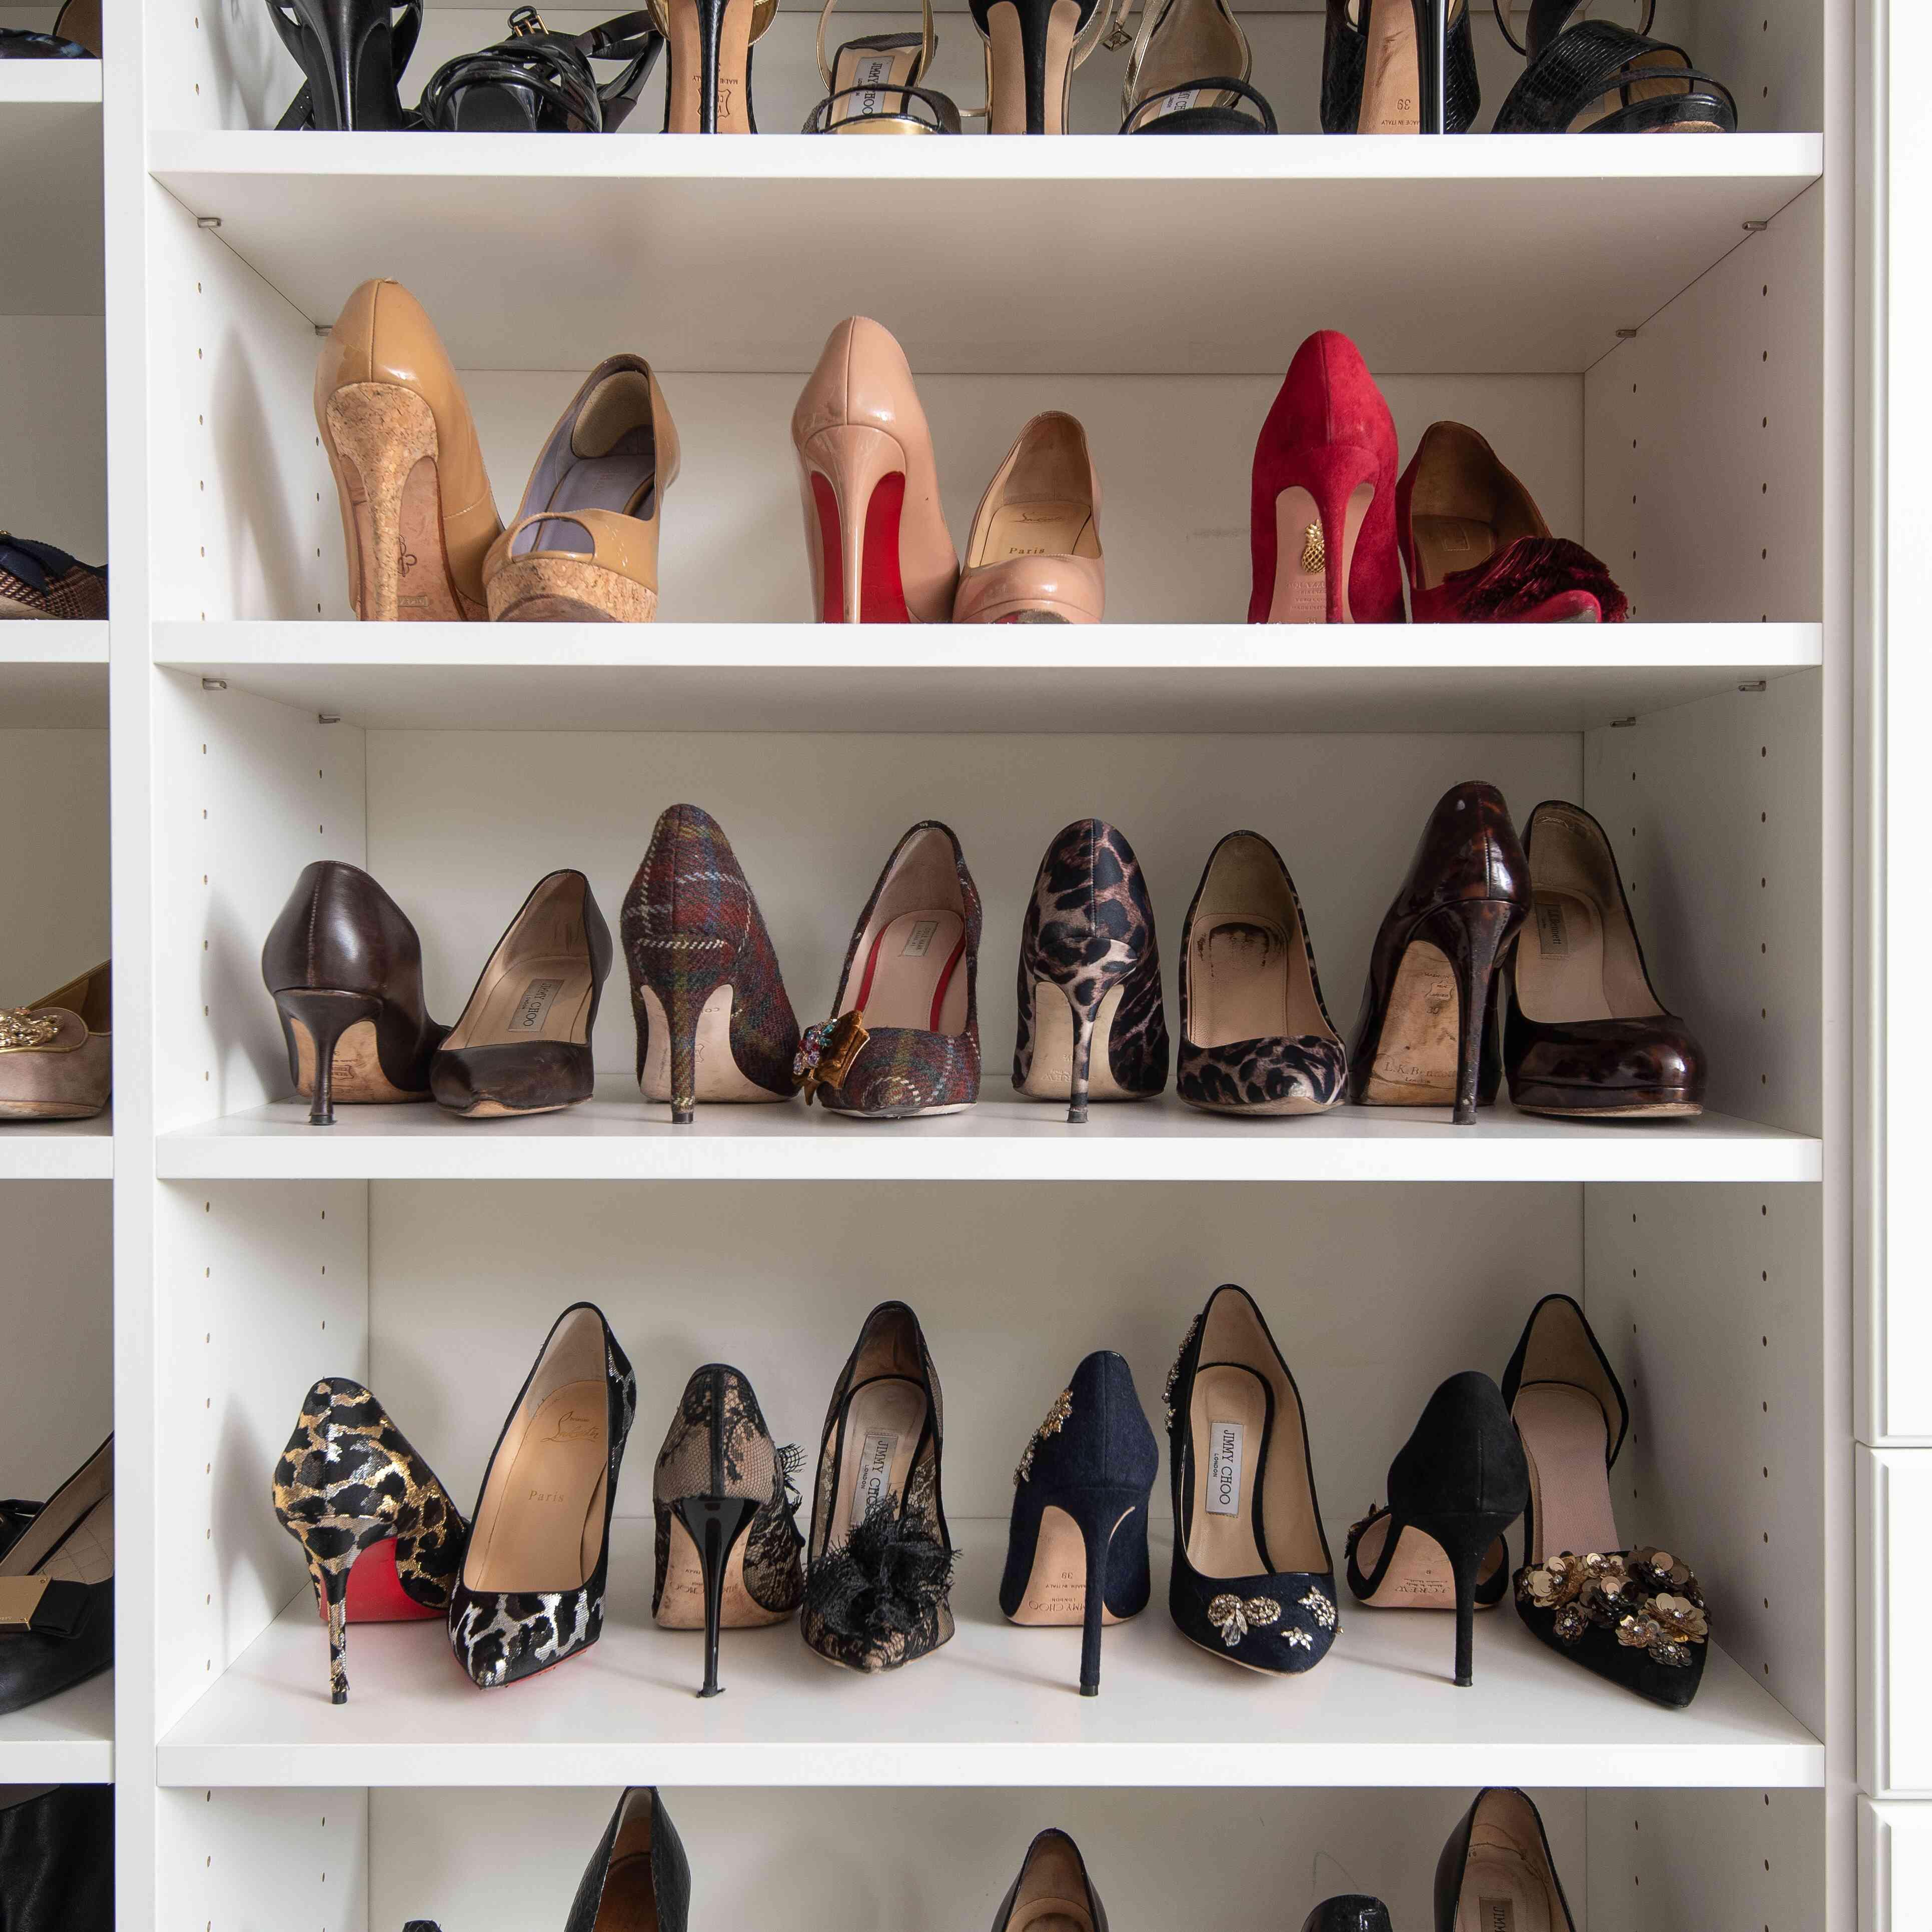 Shoes organized on a shelf